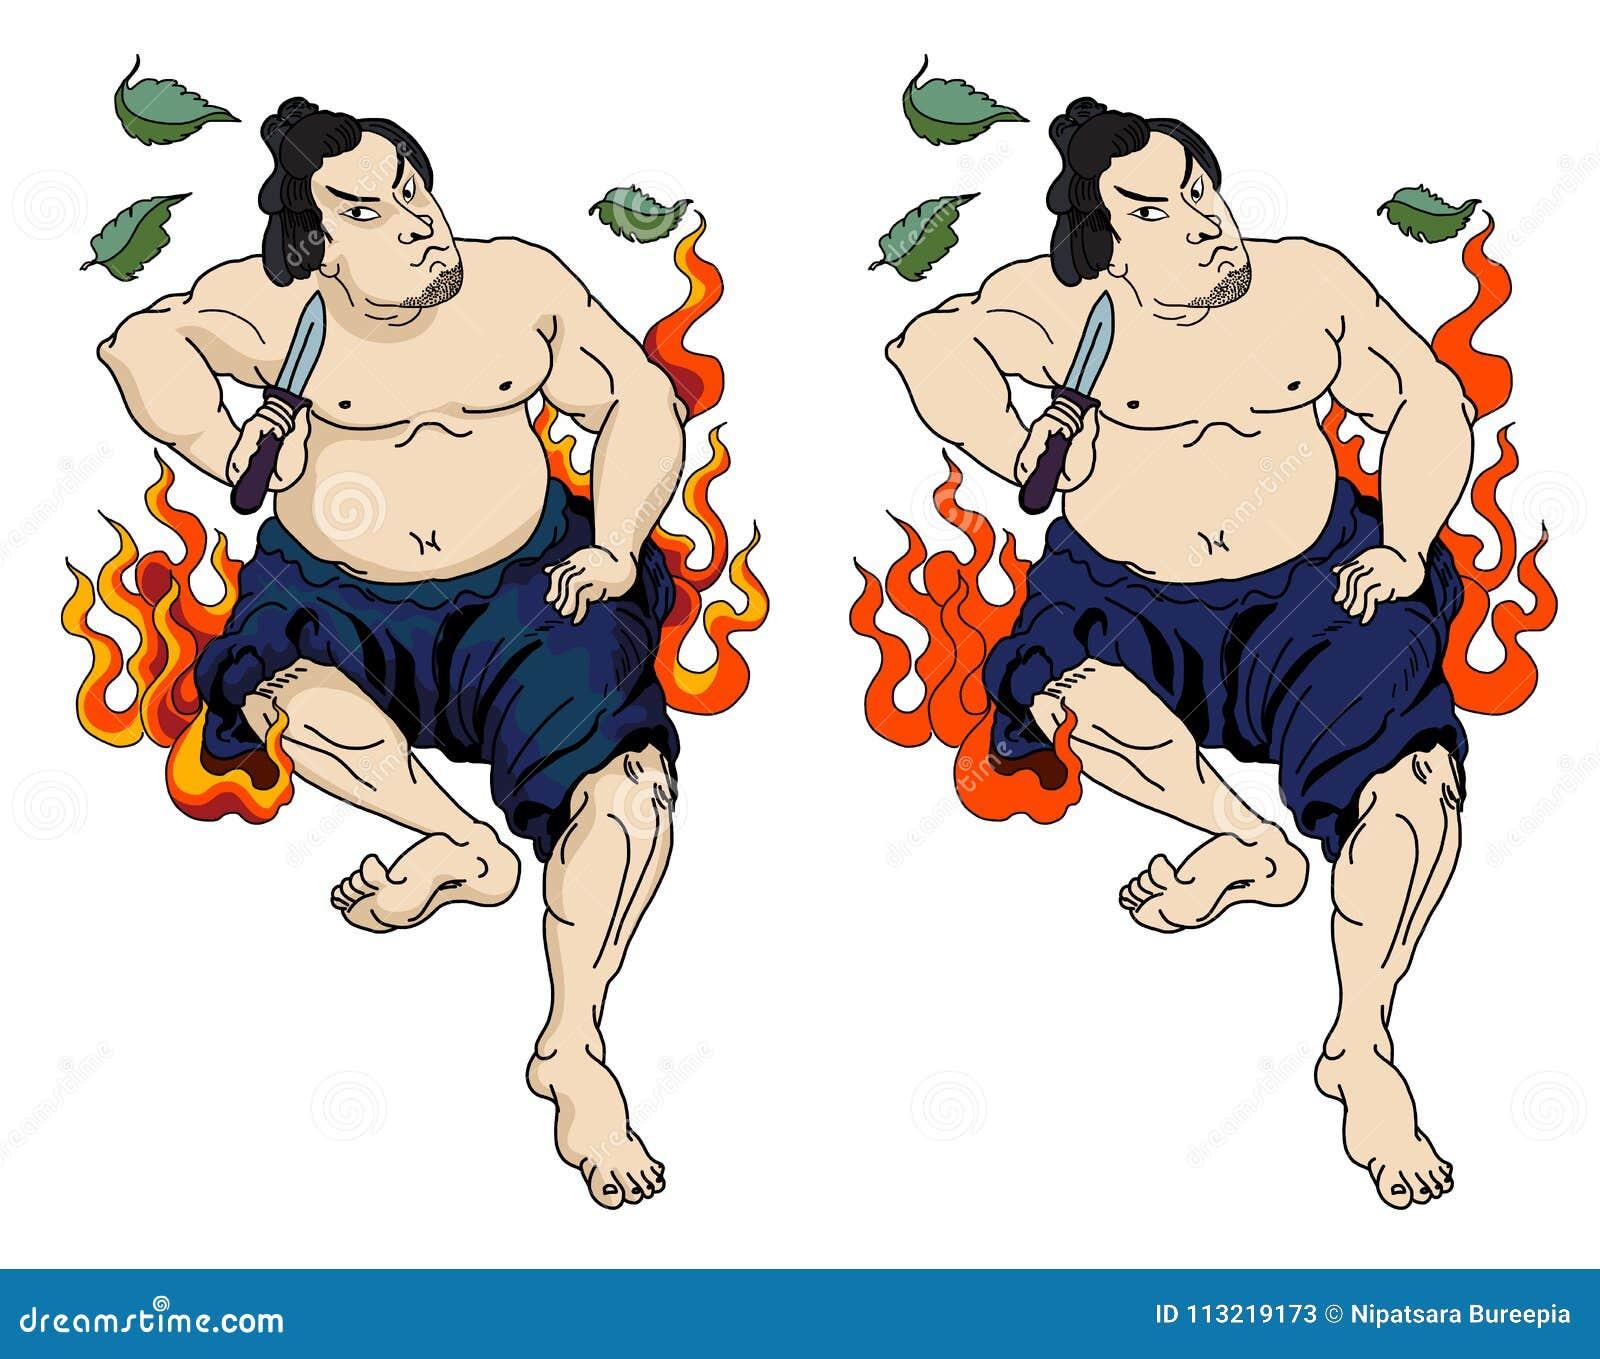 El Samurai Japones Con La Hoja Y El Dragon Tatuan El Cuerpo Completo